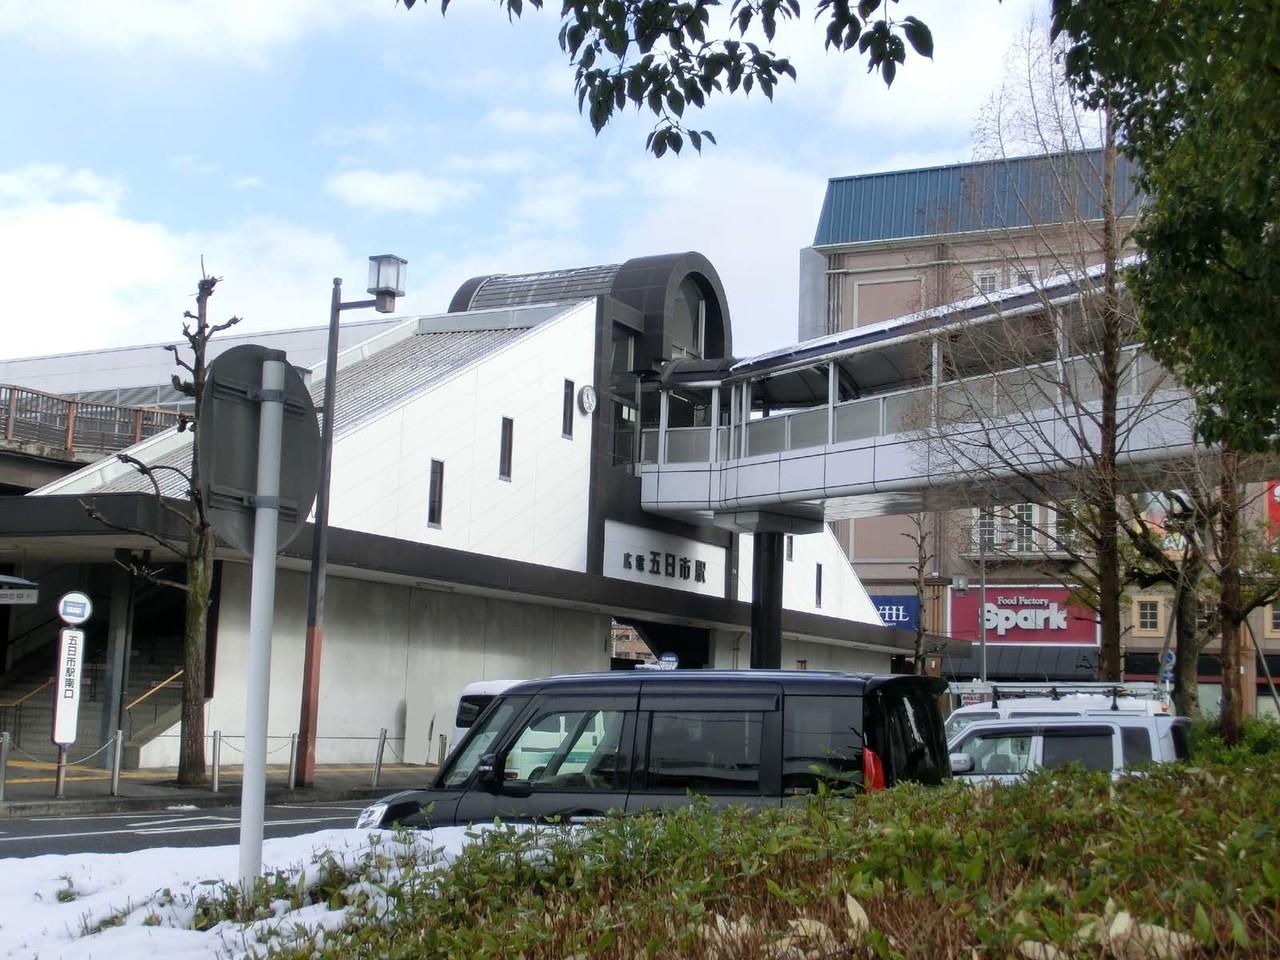 【駅】JR五日市駅南口側です。広島電鉄宮島線「広電五日市駅」と一体化 しているので、JRでも、市電でも。